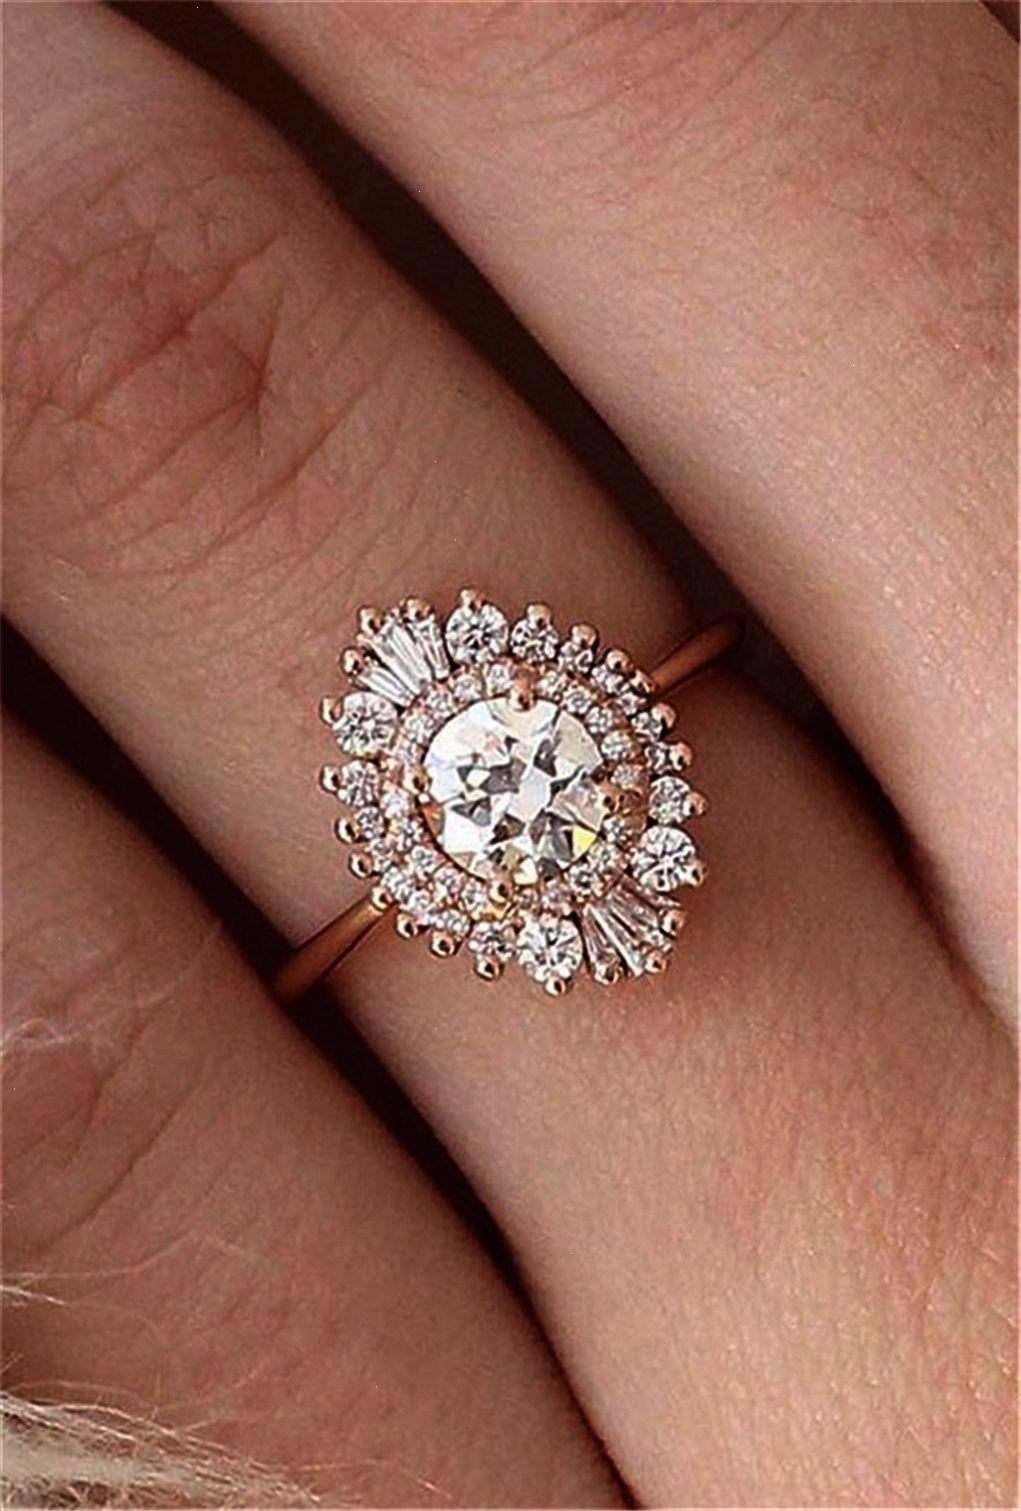 3eee5ebde7a Vintageweddingring Most Stunning Rings in 2018 t